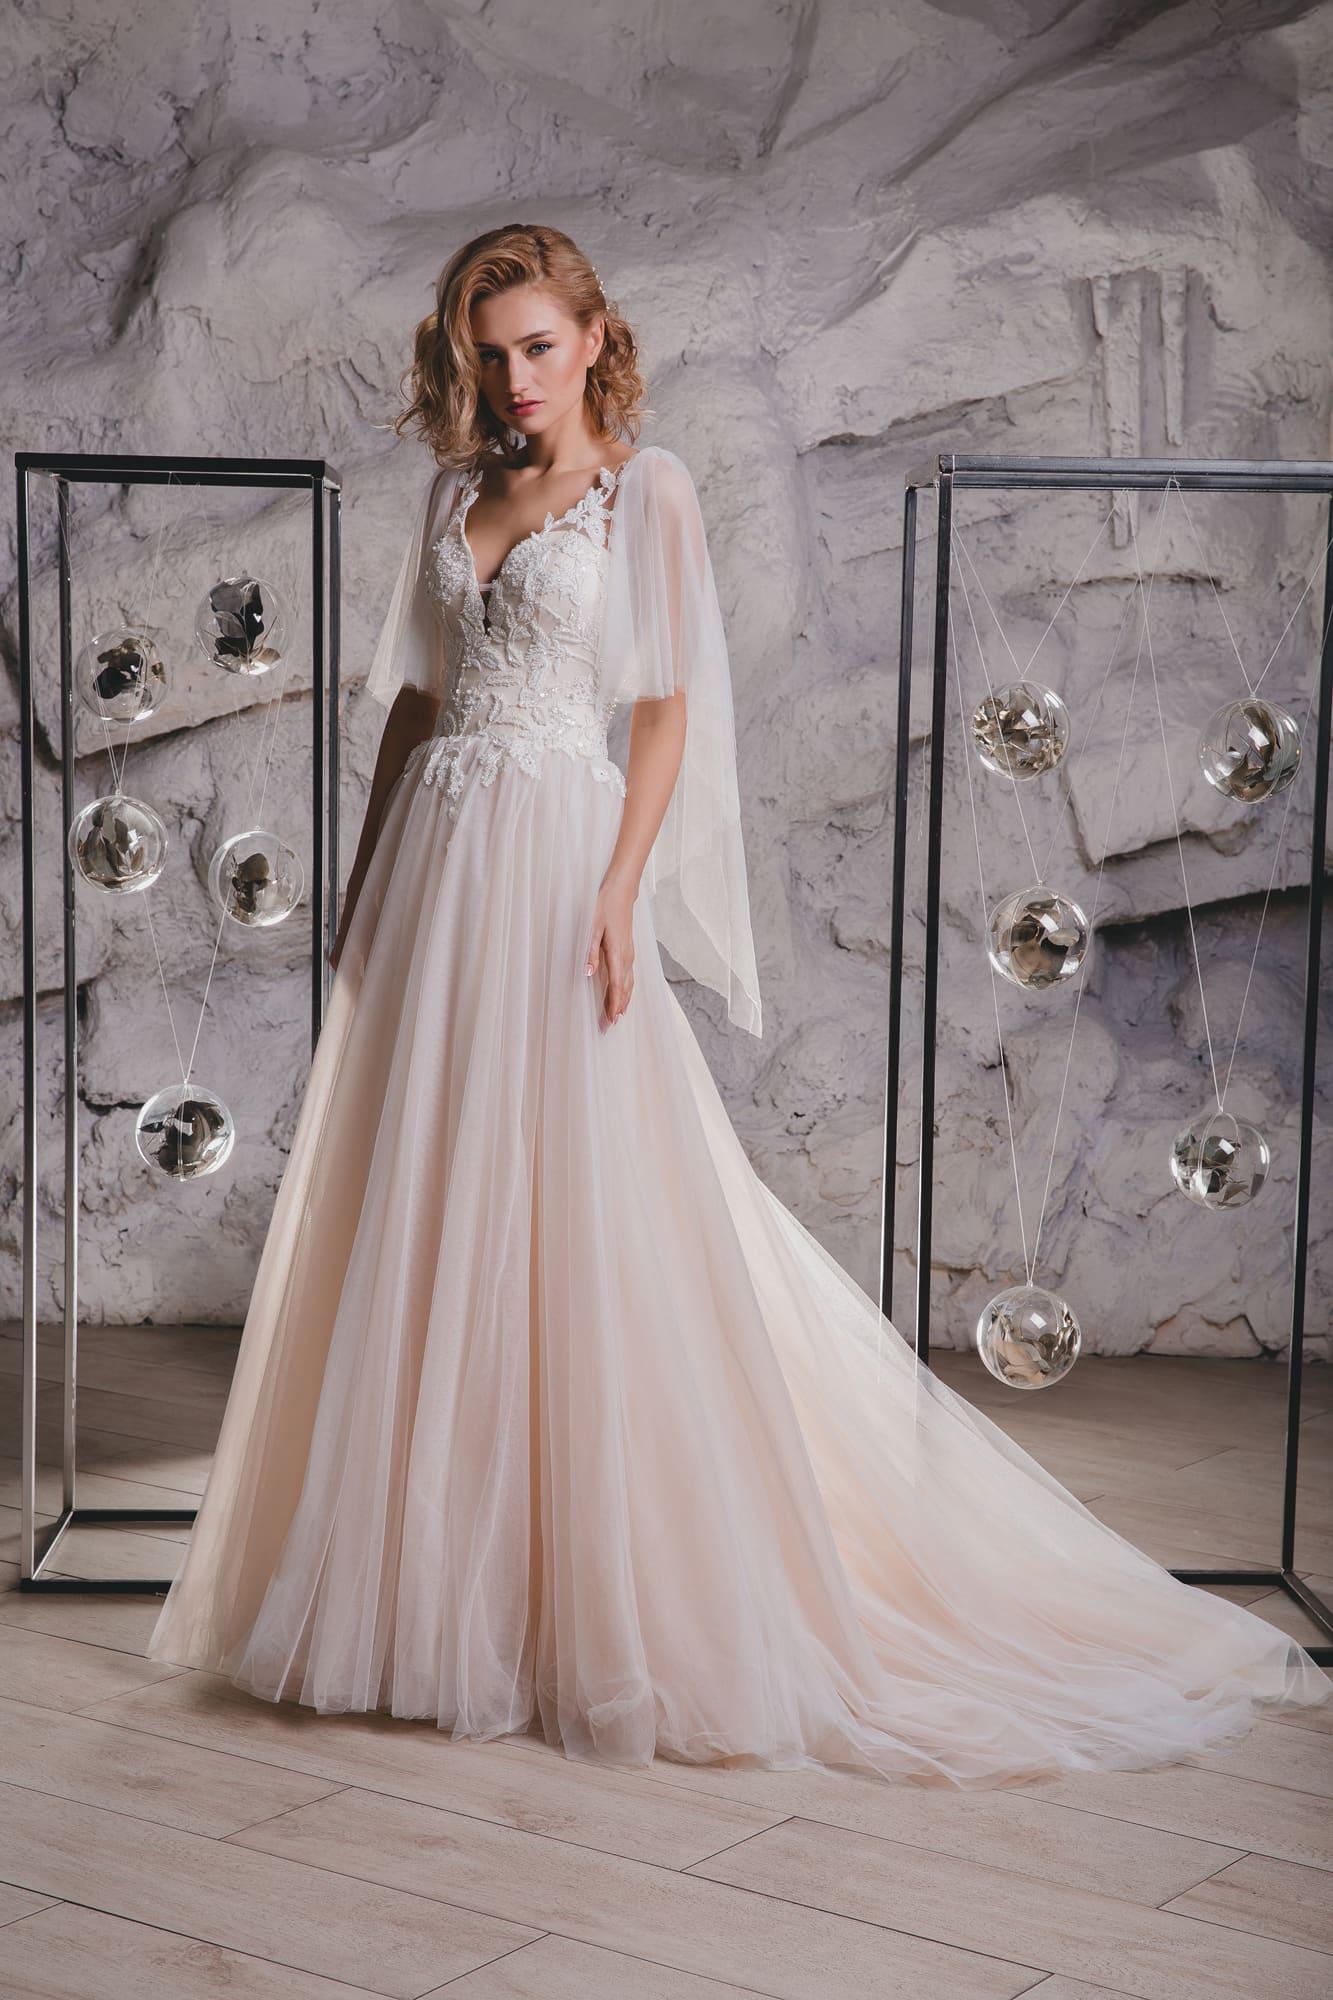 bf80da25f55d378 Свадебное платье Queen Janifer ▷ Свадебный Торговый Центр Вега в Москве